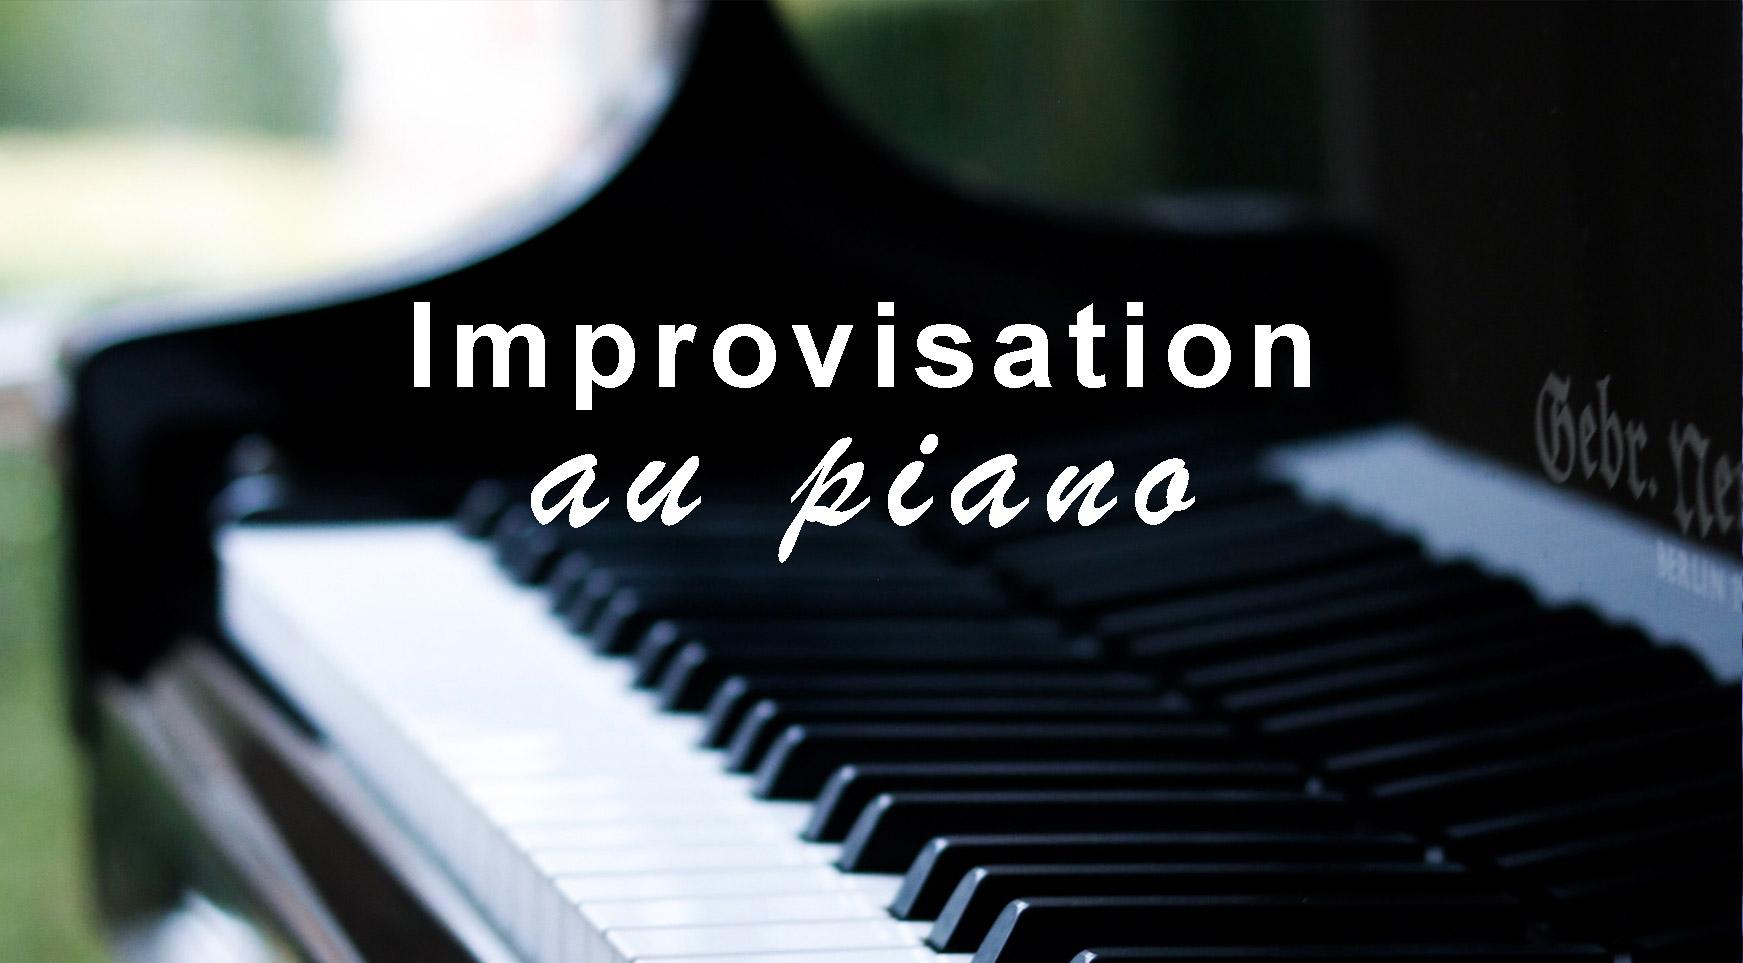 Image de couverture article Improvisation au Piano : titre et vue sur touches d'un piano